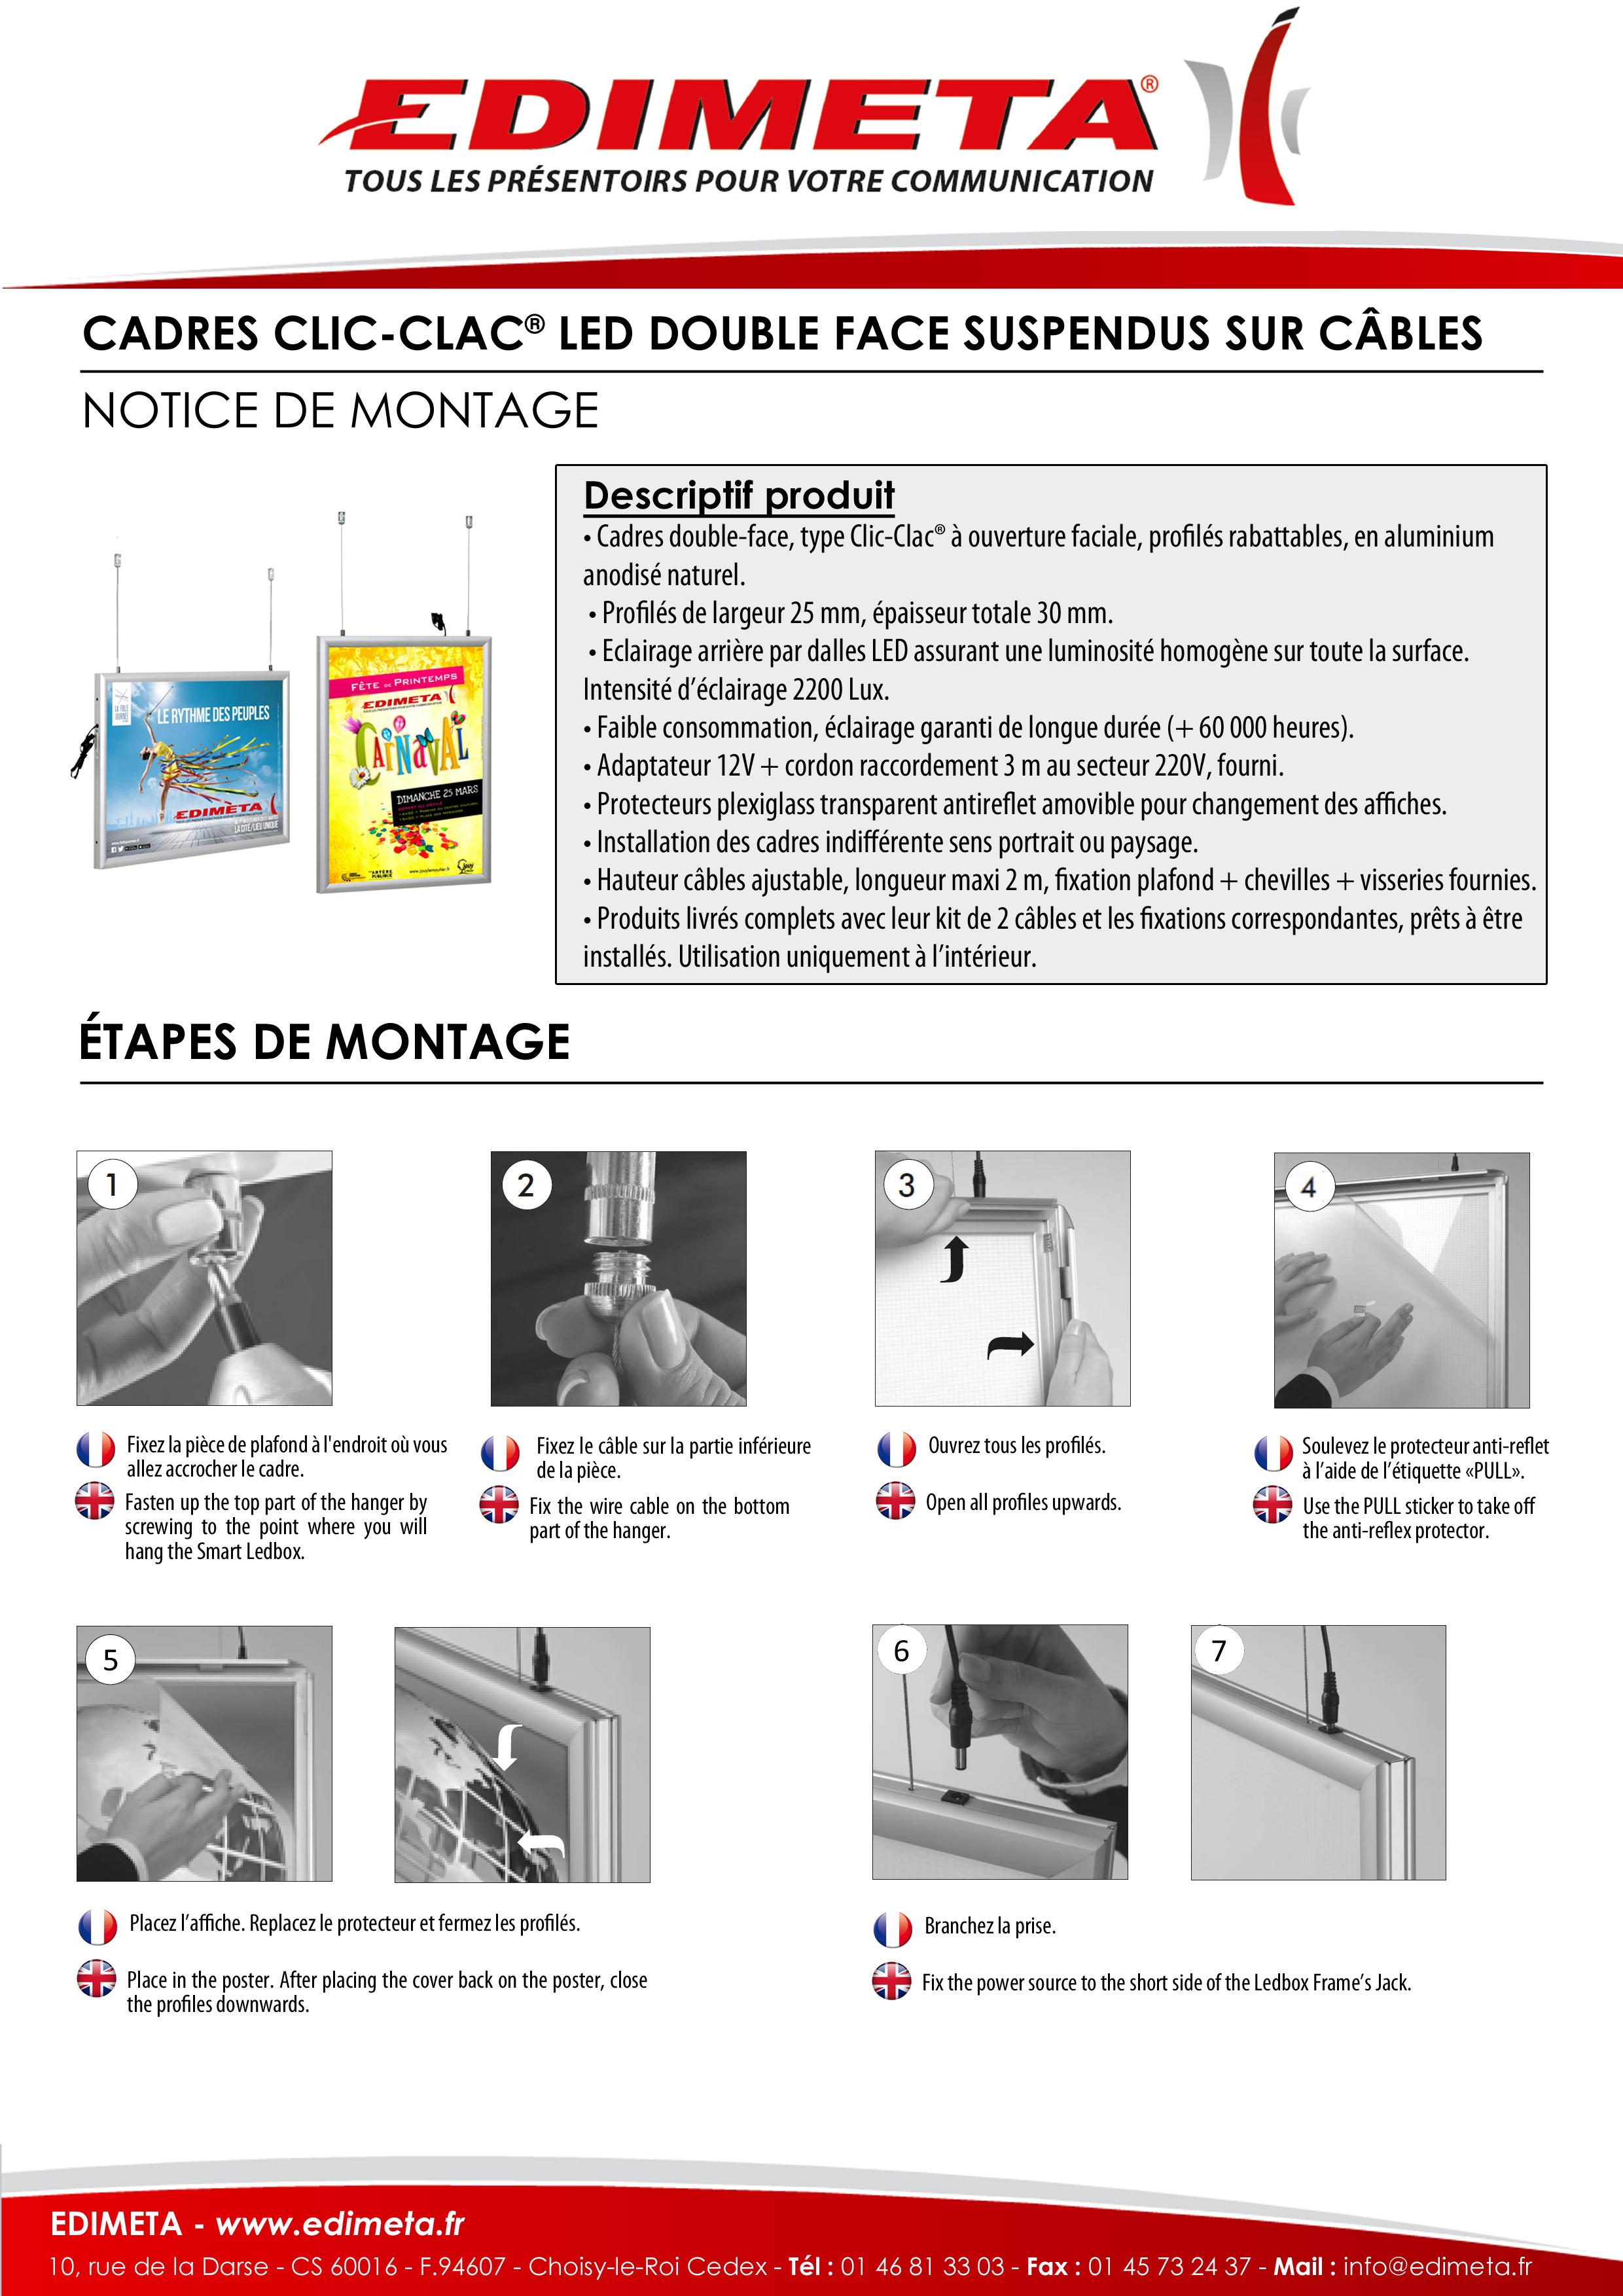 NOTICE DE MONTAGE : CADRES CLIC-CLAC® ÉCLAIRAGE LED DOUBLE FACE SUSPENDUS SUR CÂBLES DU A4 AU A0